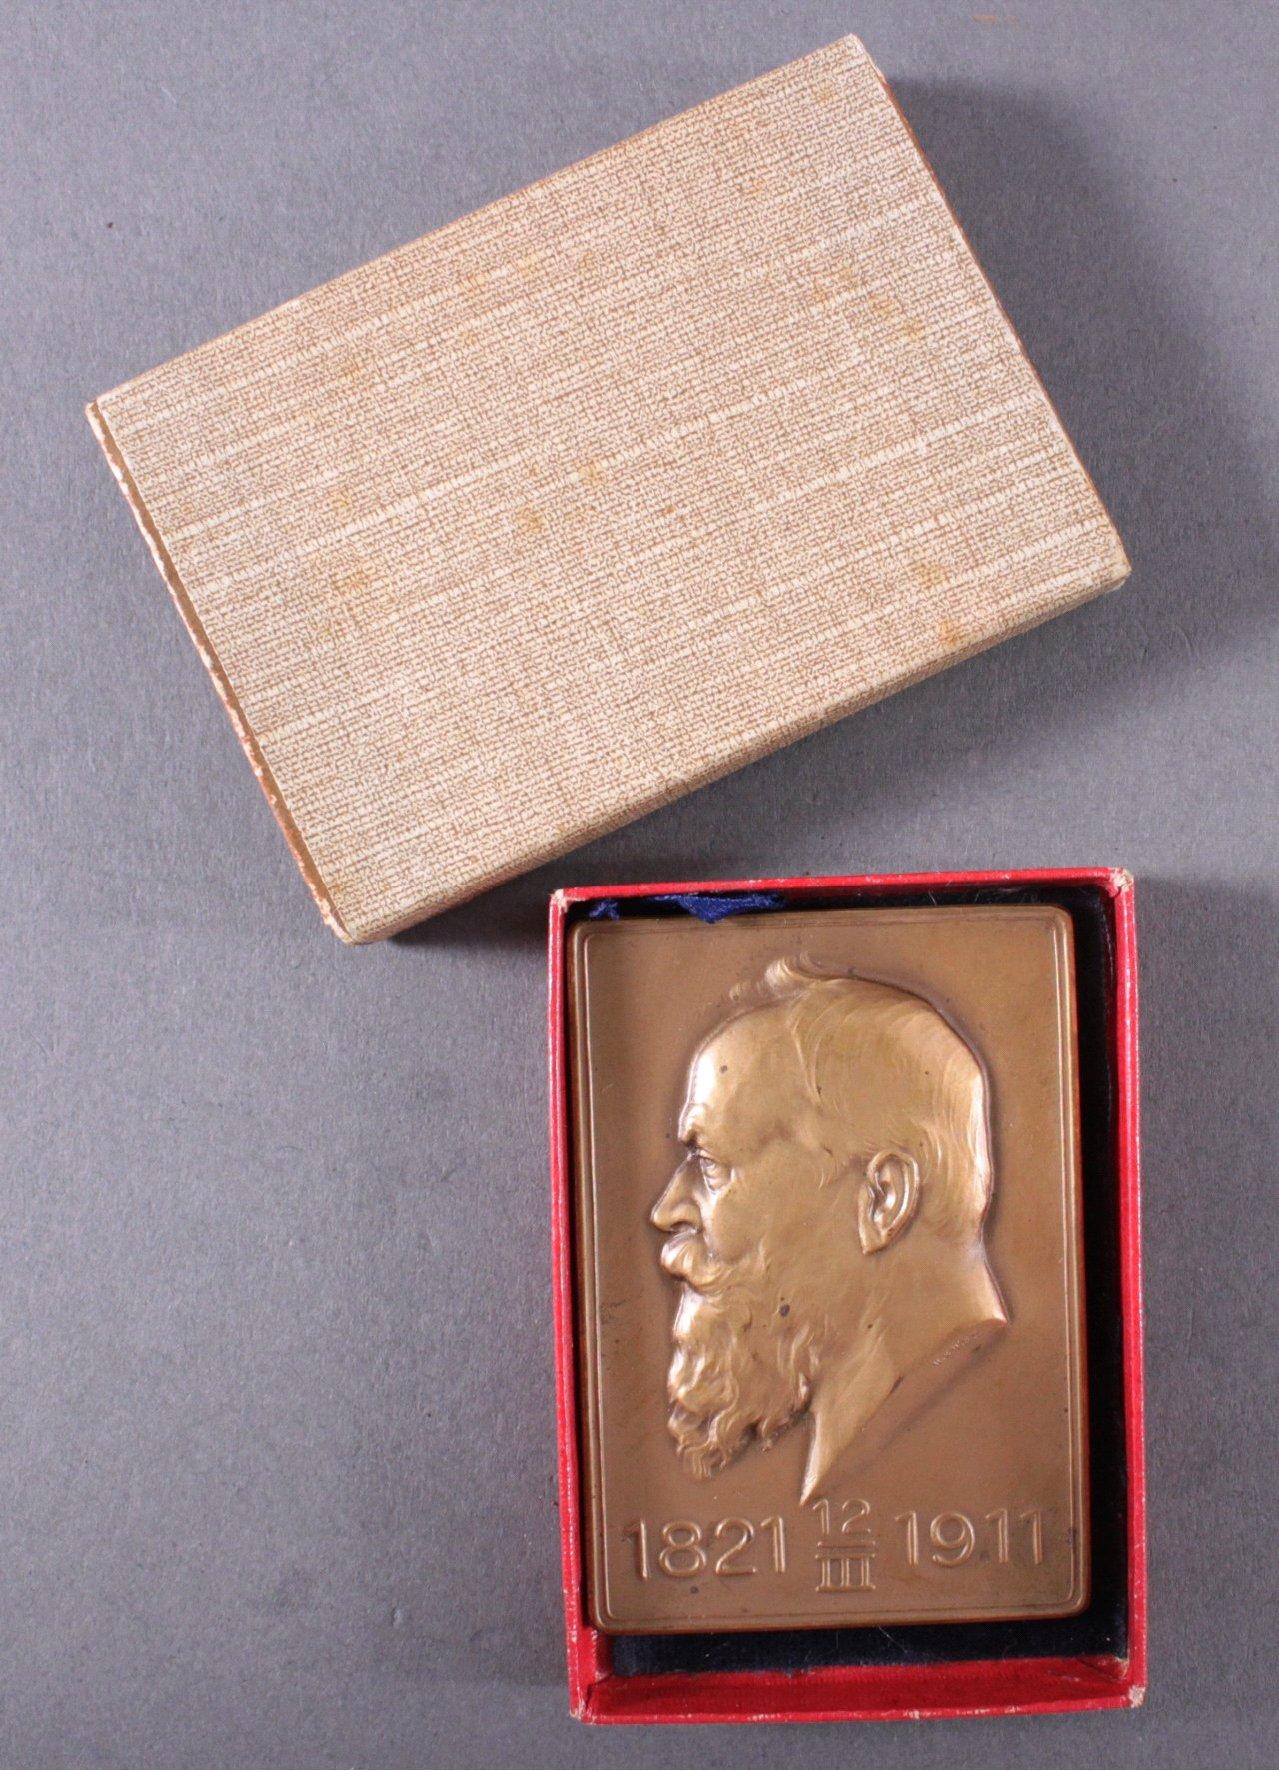 Bronzeplakette Prinzregent Luitpold von Bayern, 1821-1911